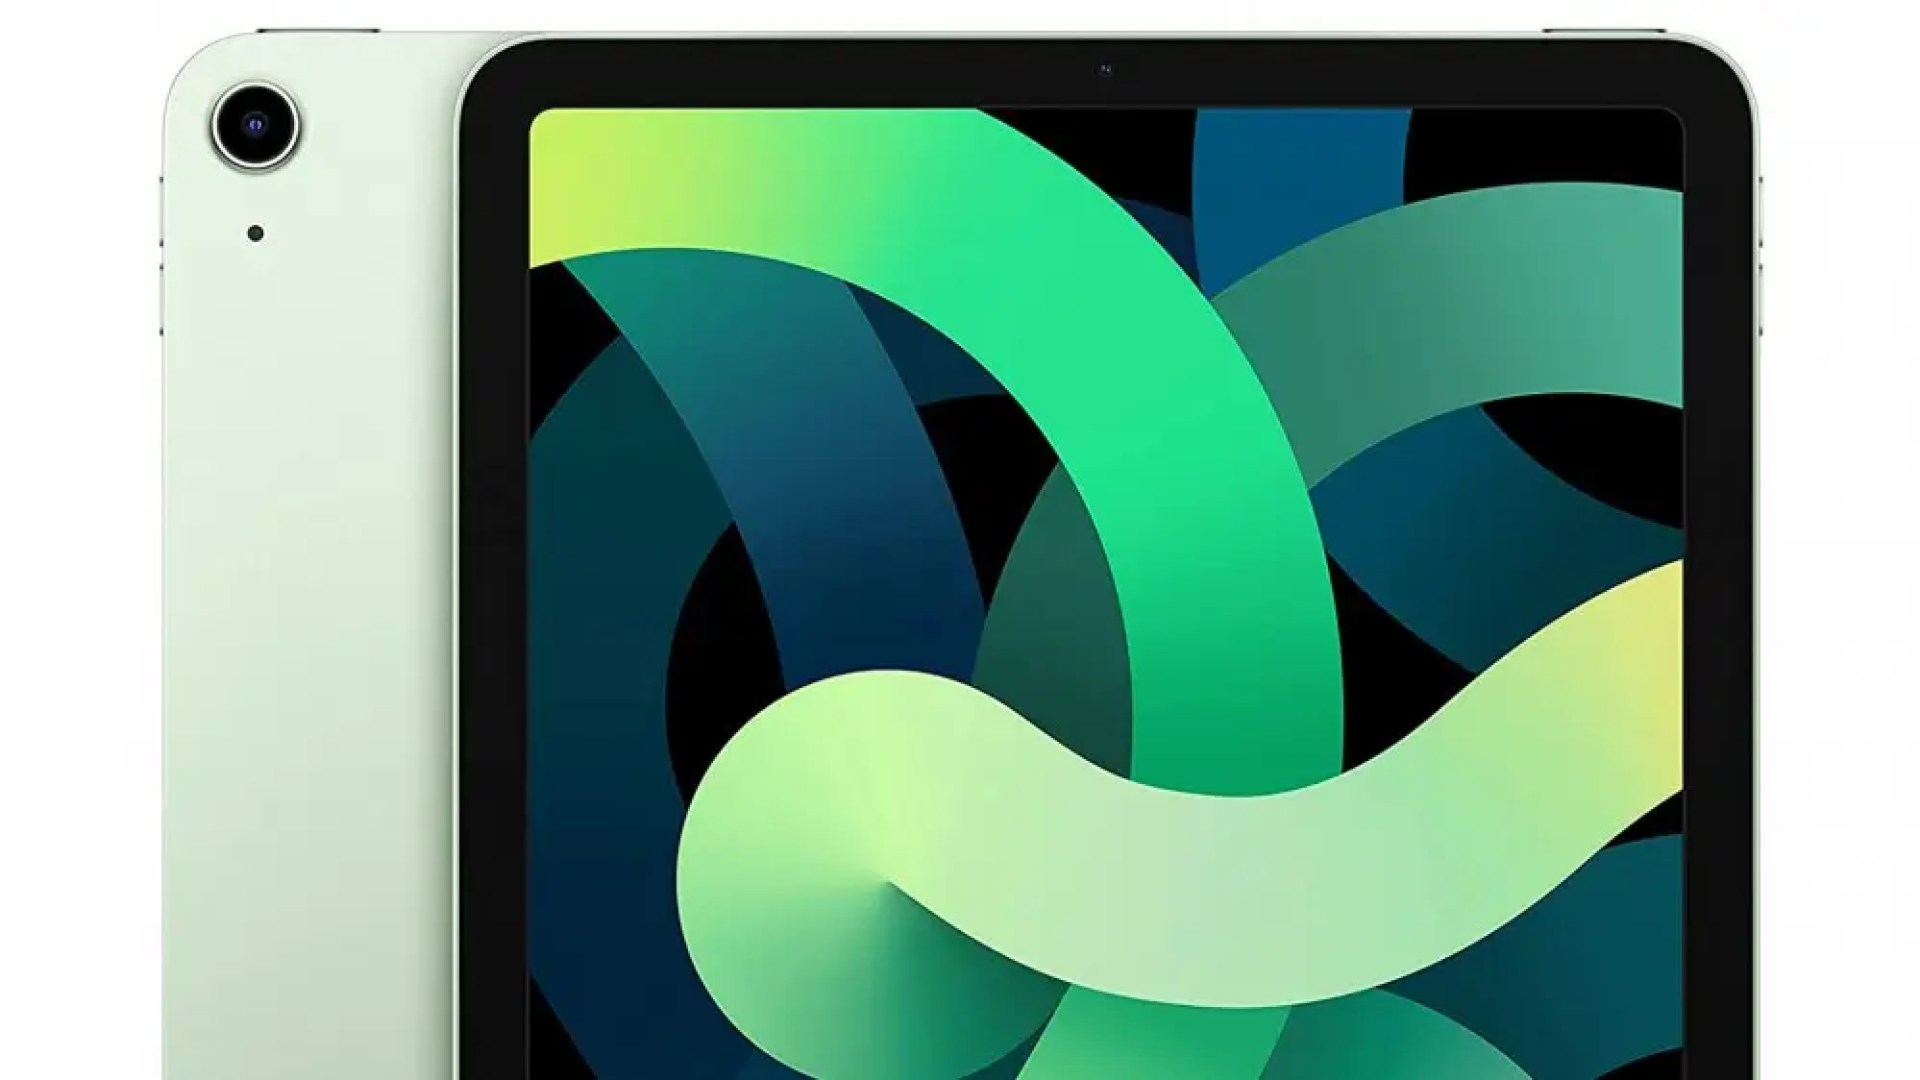 iPad Air 2020 64 GB Wi-Fi model in green